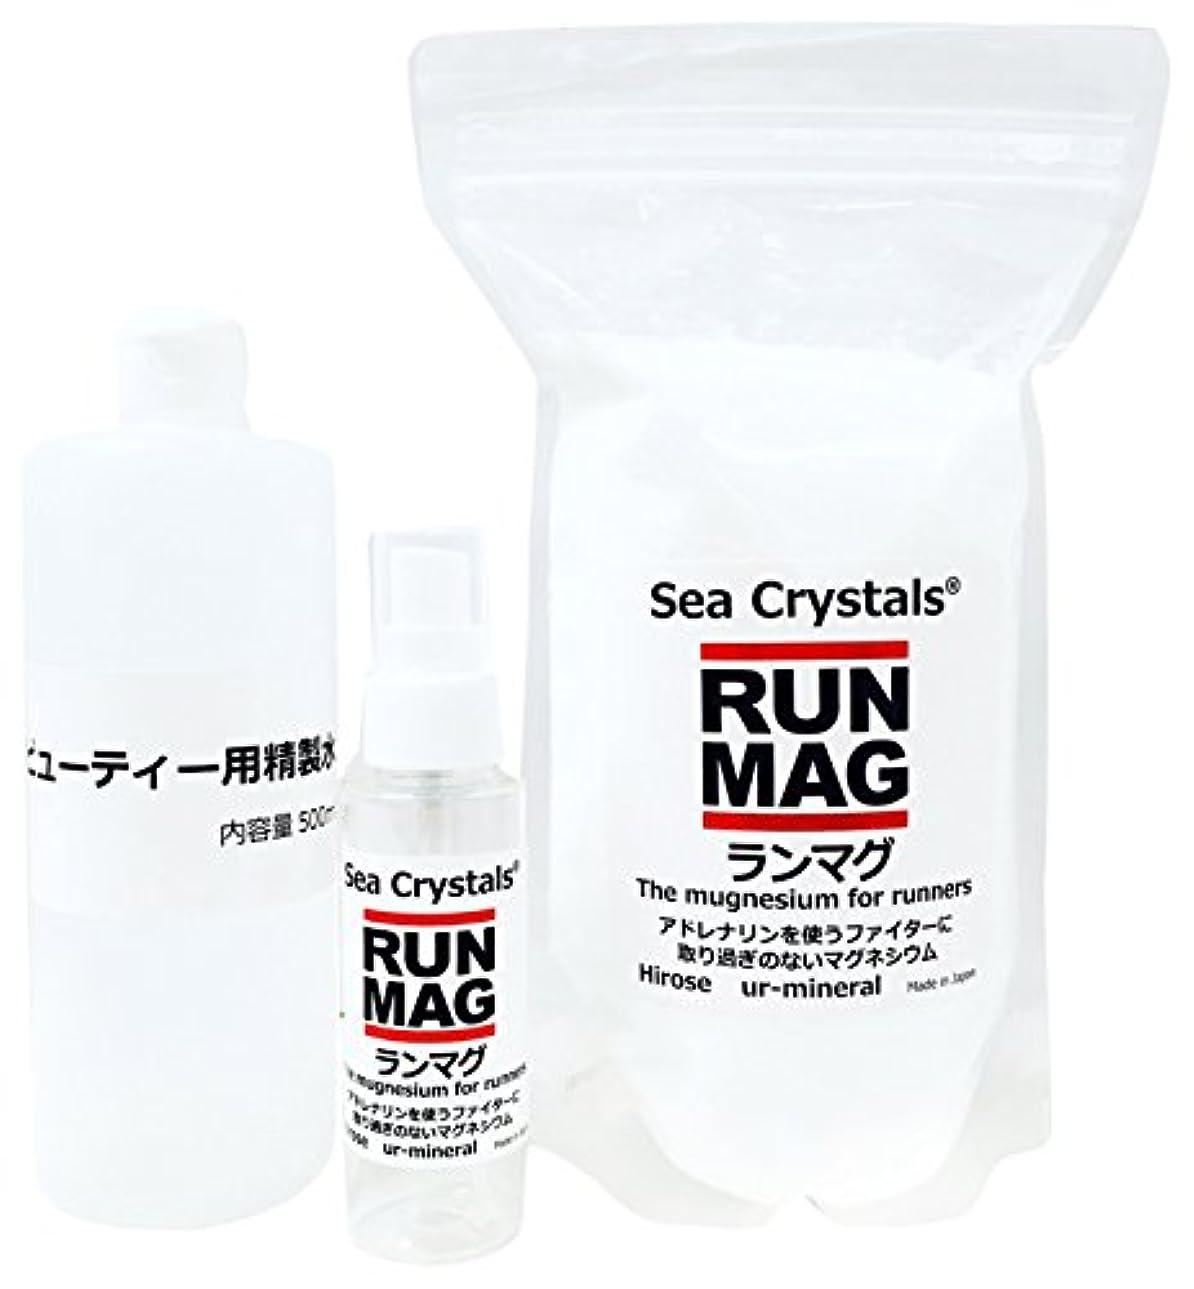 スリップシューズ増強熟達したランマグ?マグネシウムオイル 500g 化粧品登録 日本製 1日マグネシウム360mg使用  精製水付き